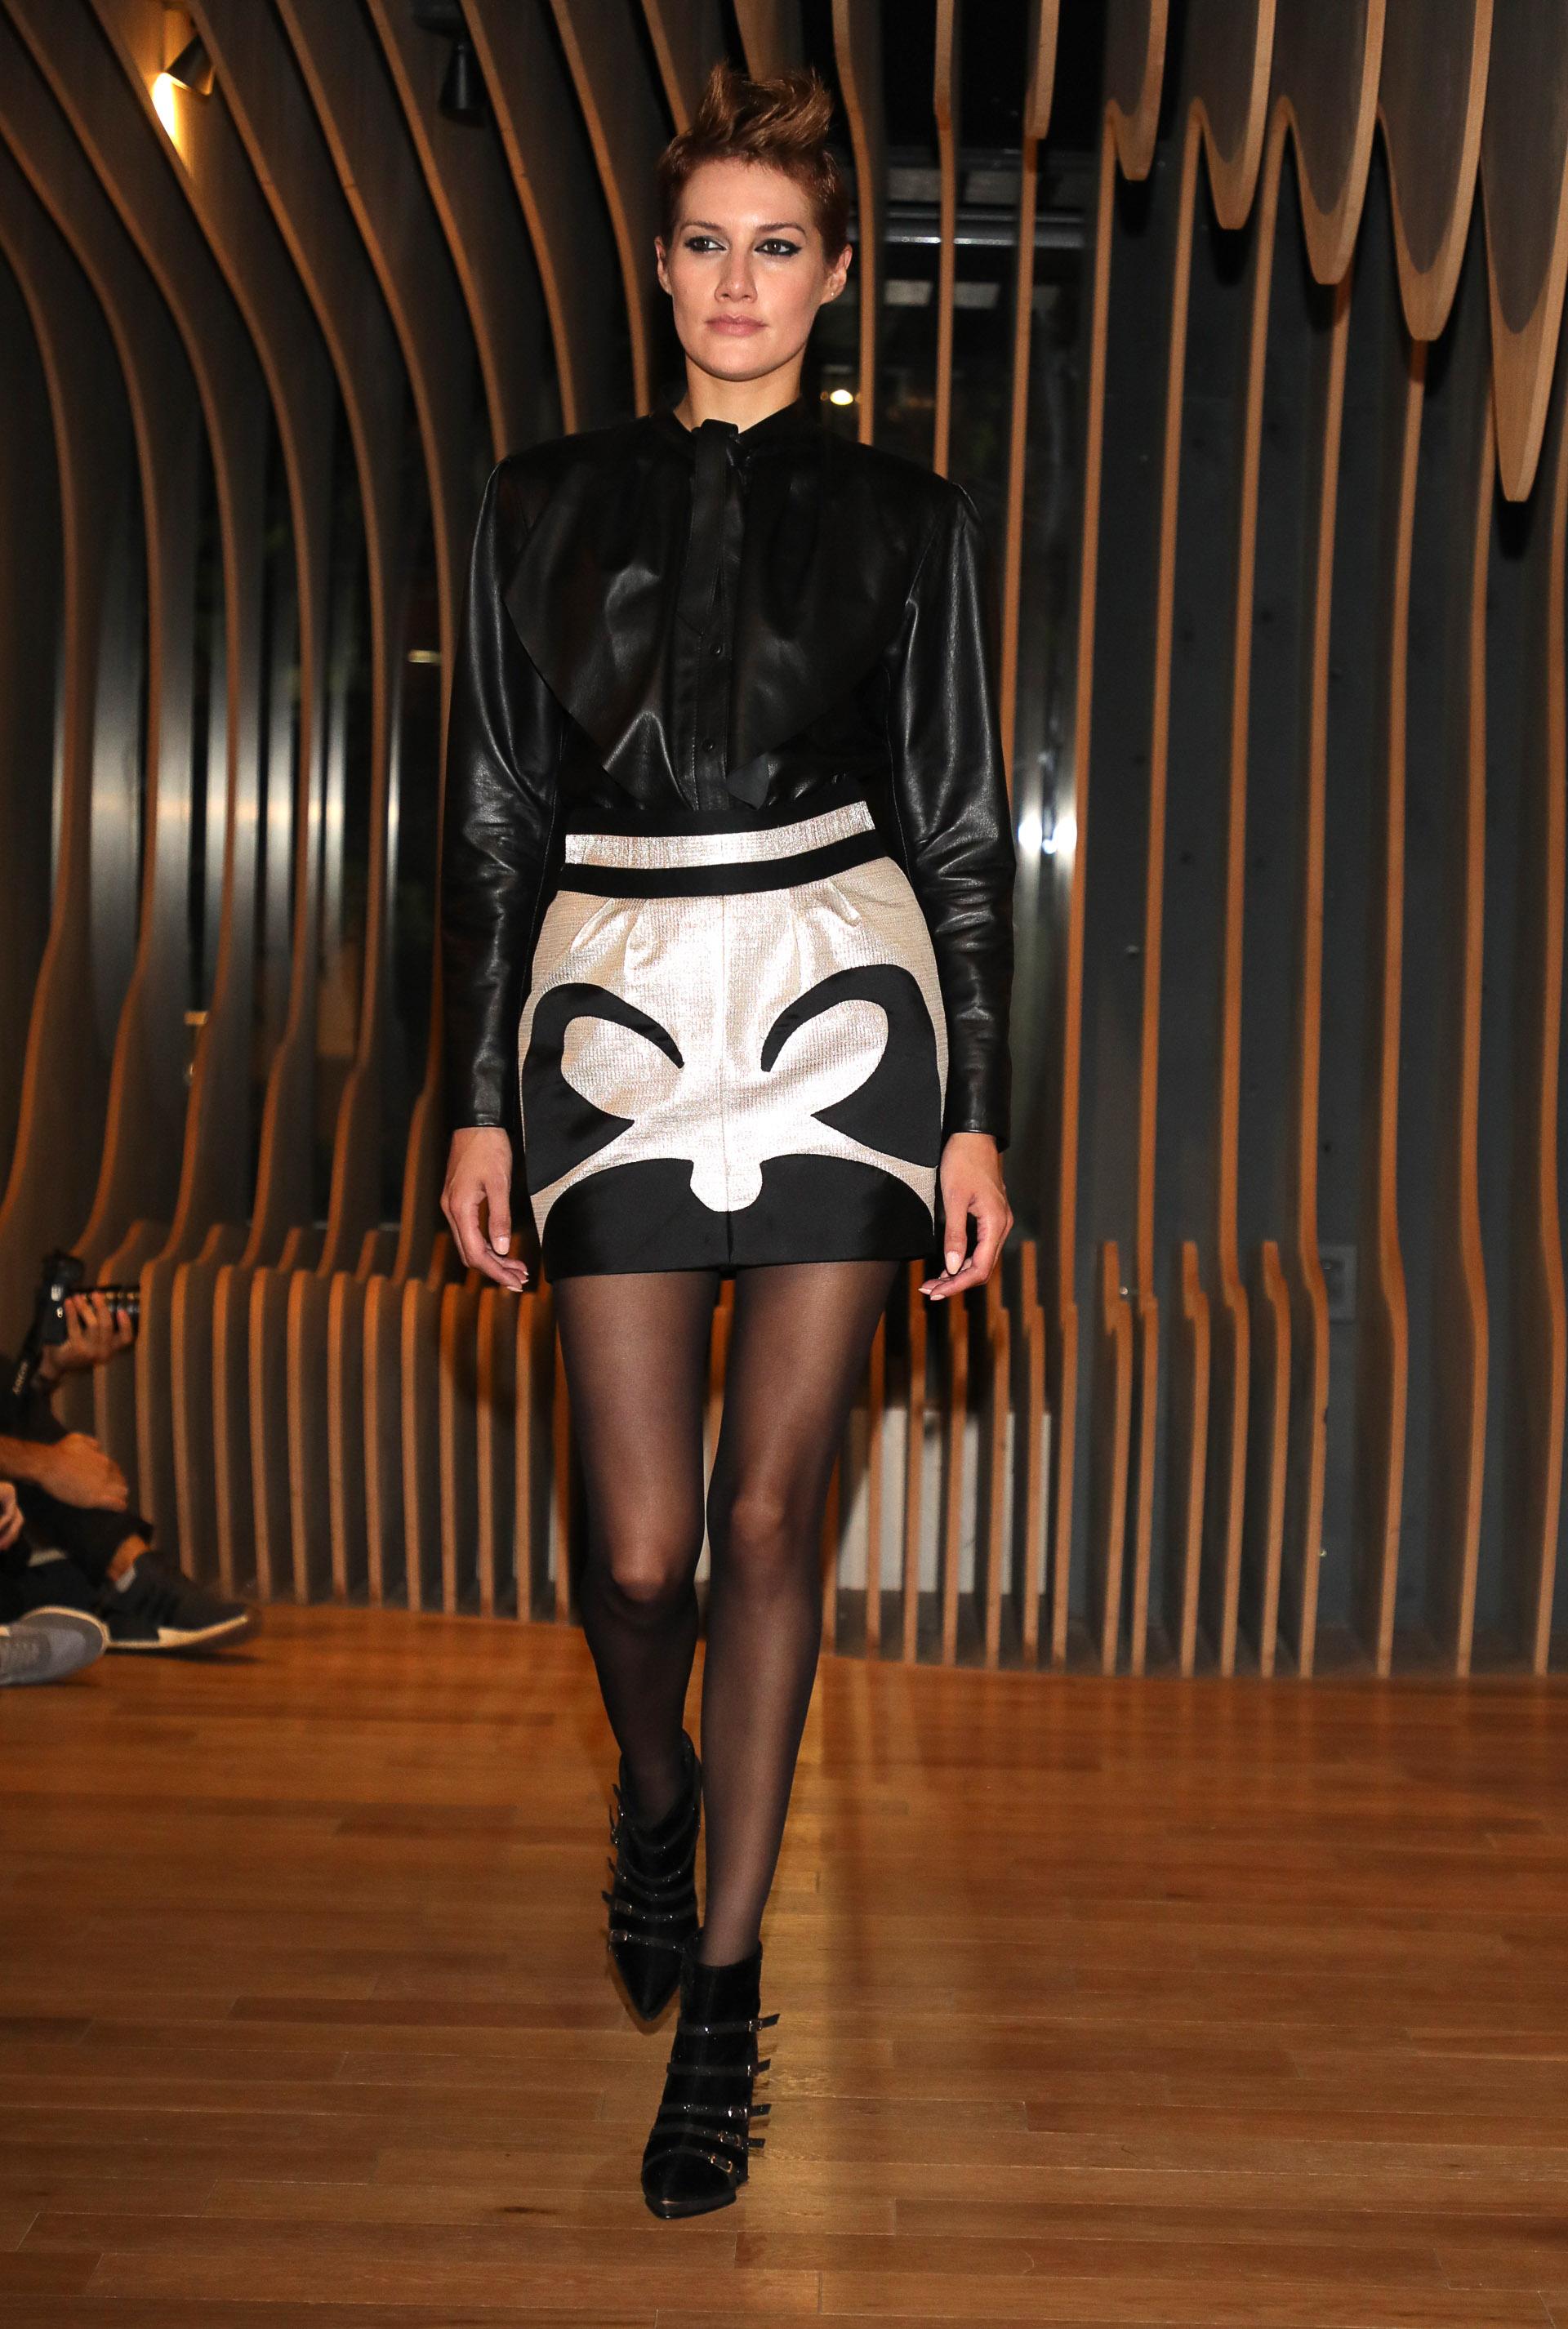 Fabián Zitta presentó su colección Oniria en el marco de Designers inspirada en los años 30. En pasarela, una minifalda bicolor en metalizado plateado y blusa de cuero negra